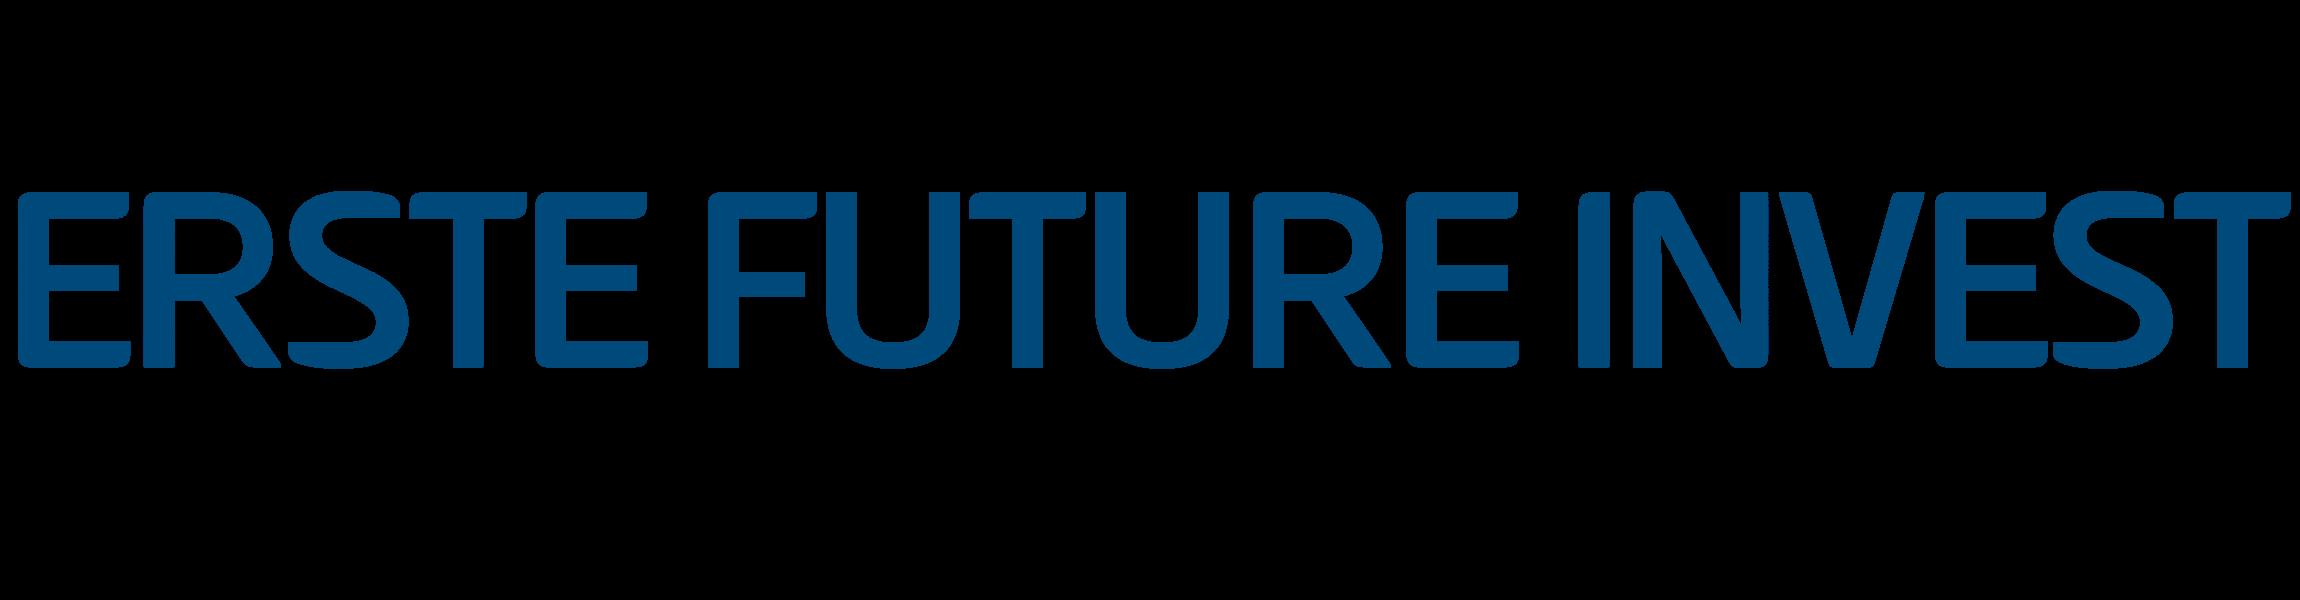 ERSTE FUTURE INVEST